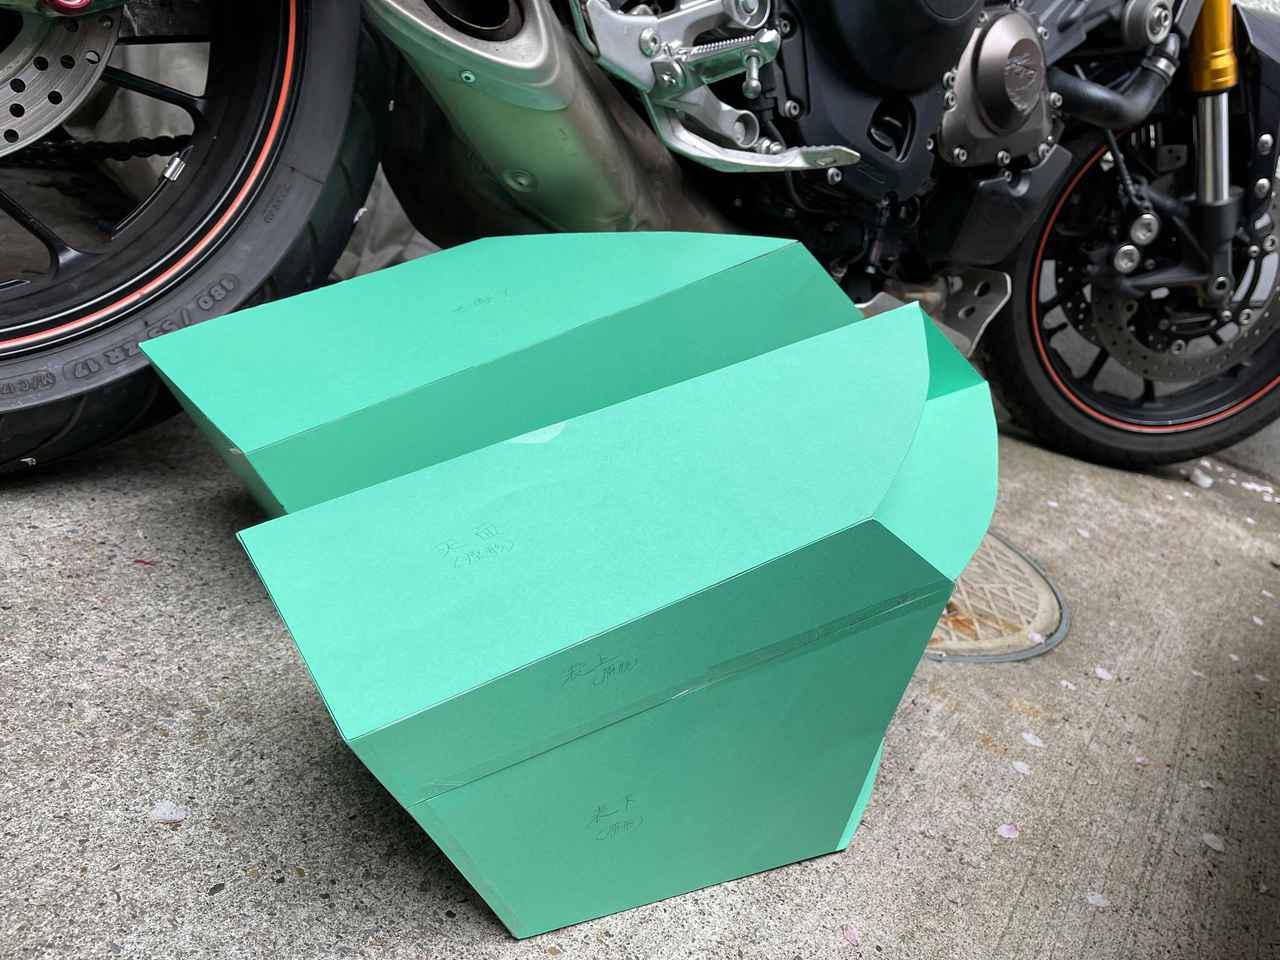 画像: 究極のツーリングバッグ造り 第3回はこちら - webオートバイ